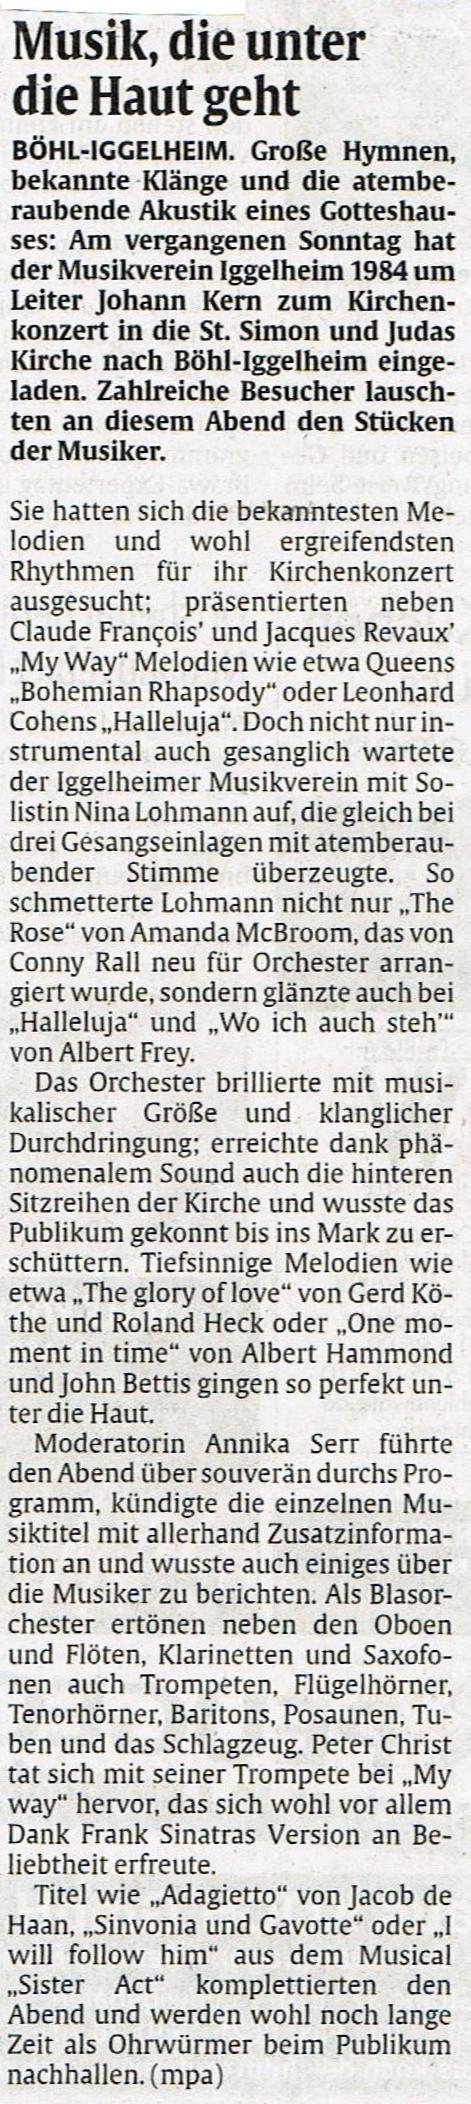 Bericht Rheinpfalz